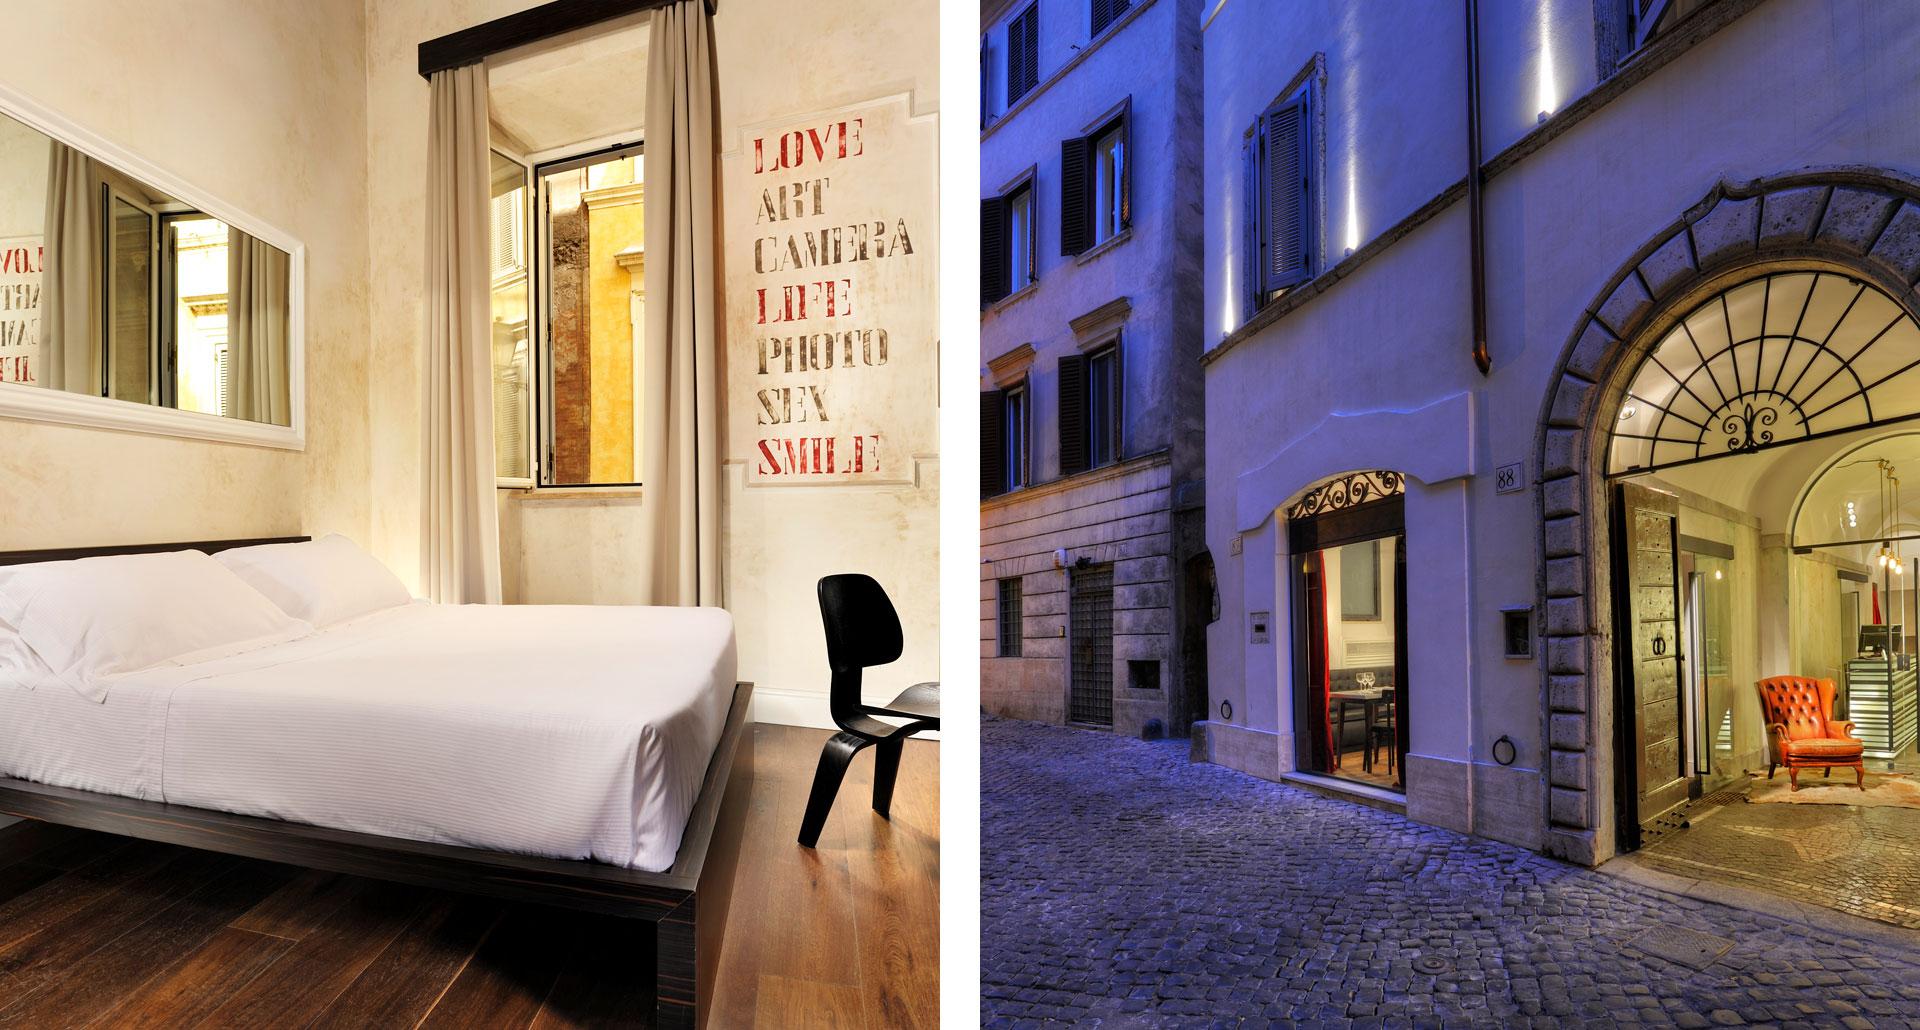 Relais Orso - boutique hotel in Rome